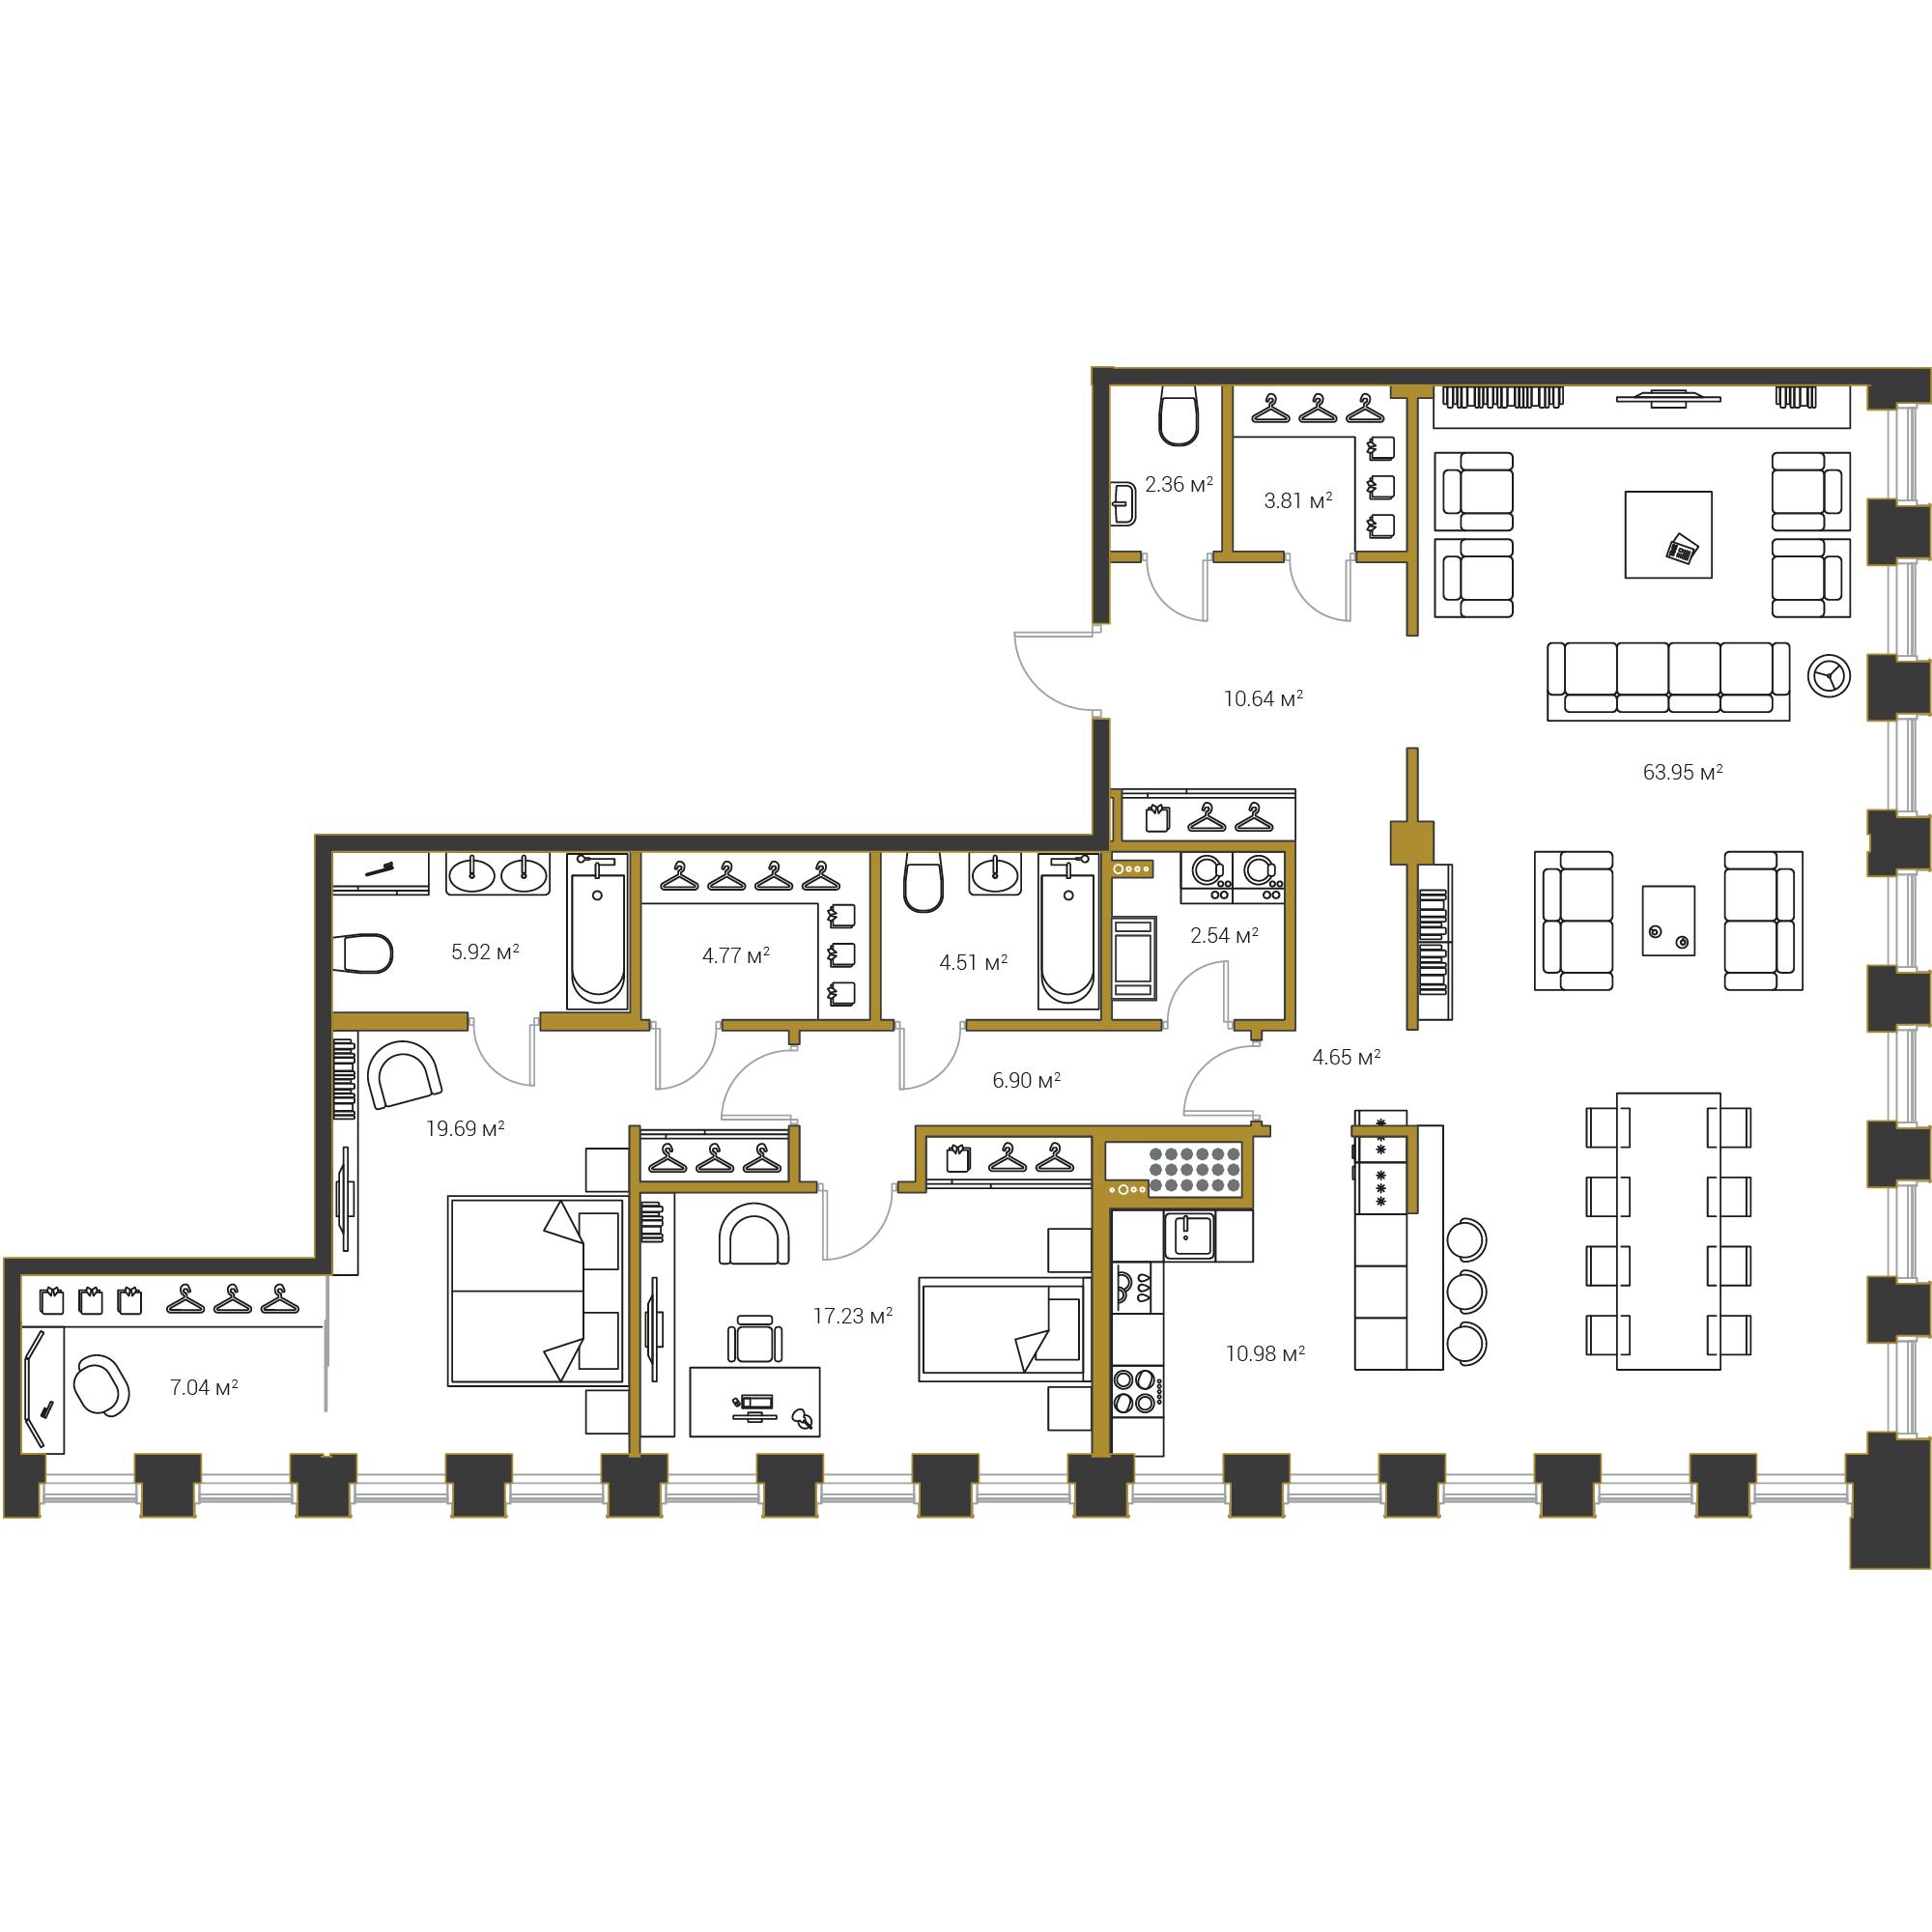 2-комнатная квартира №16 в: Институтский,16: 164.99 м²; этаж: 20 - купить в Санкт-Петербурге